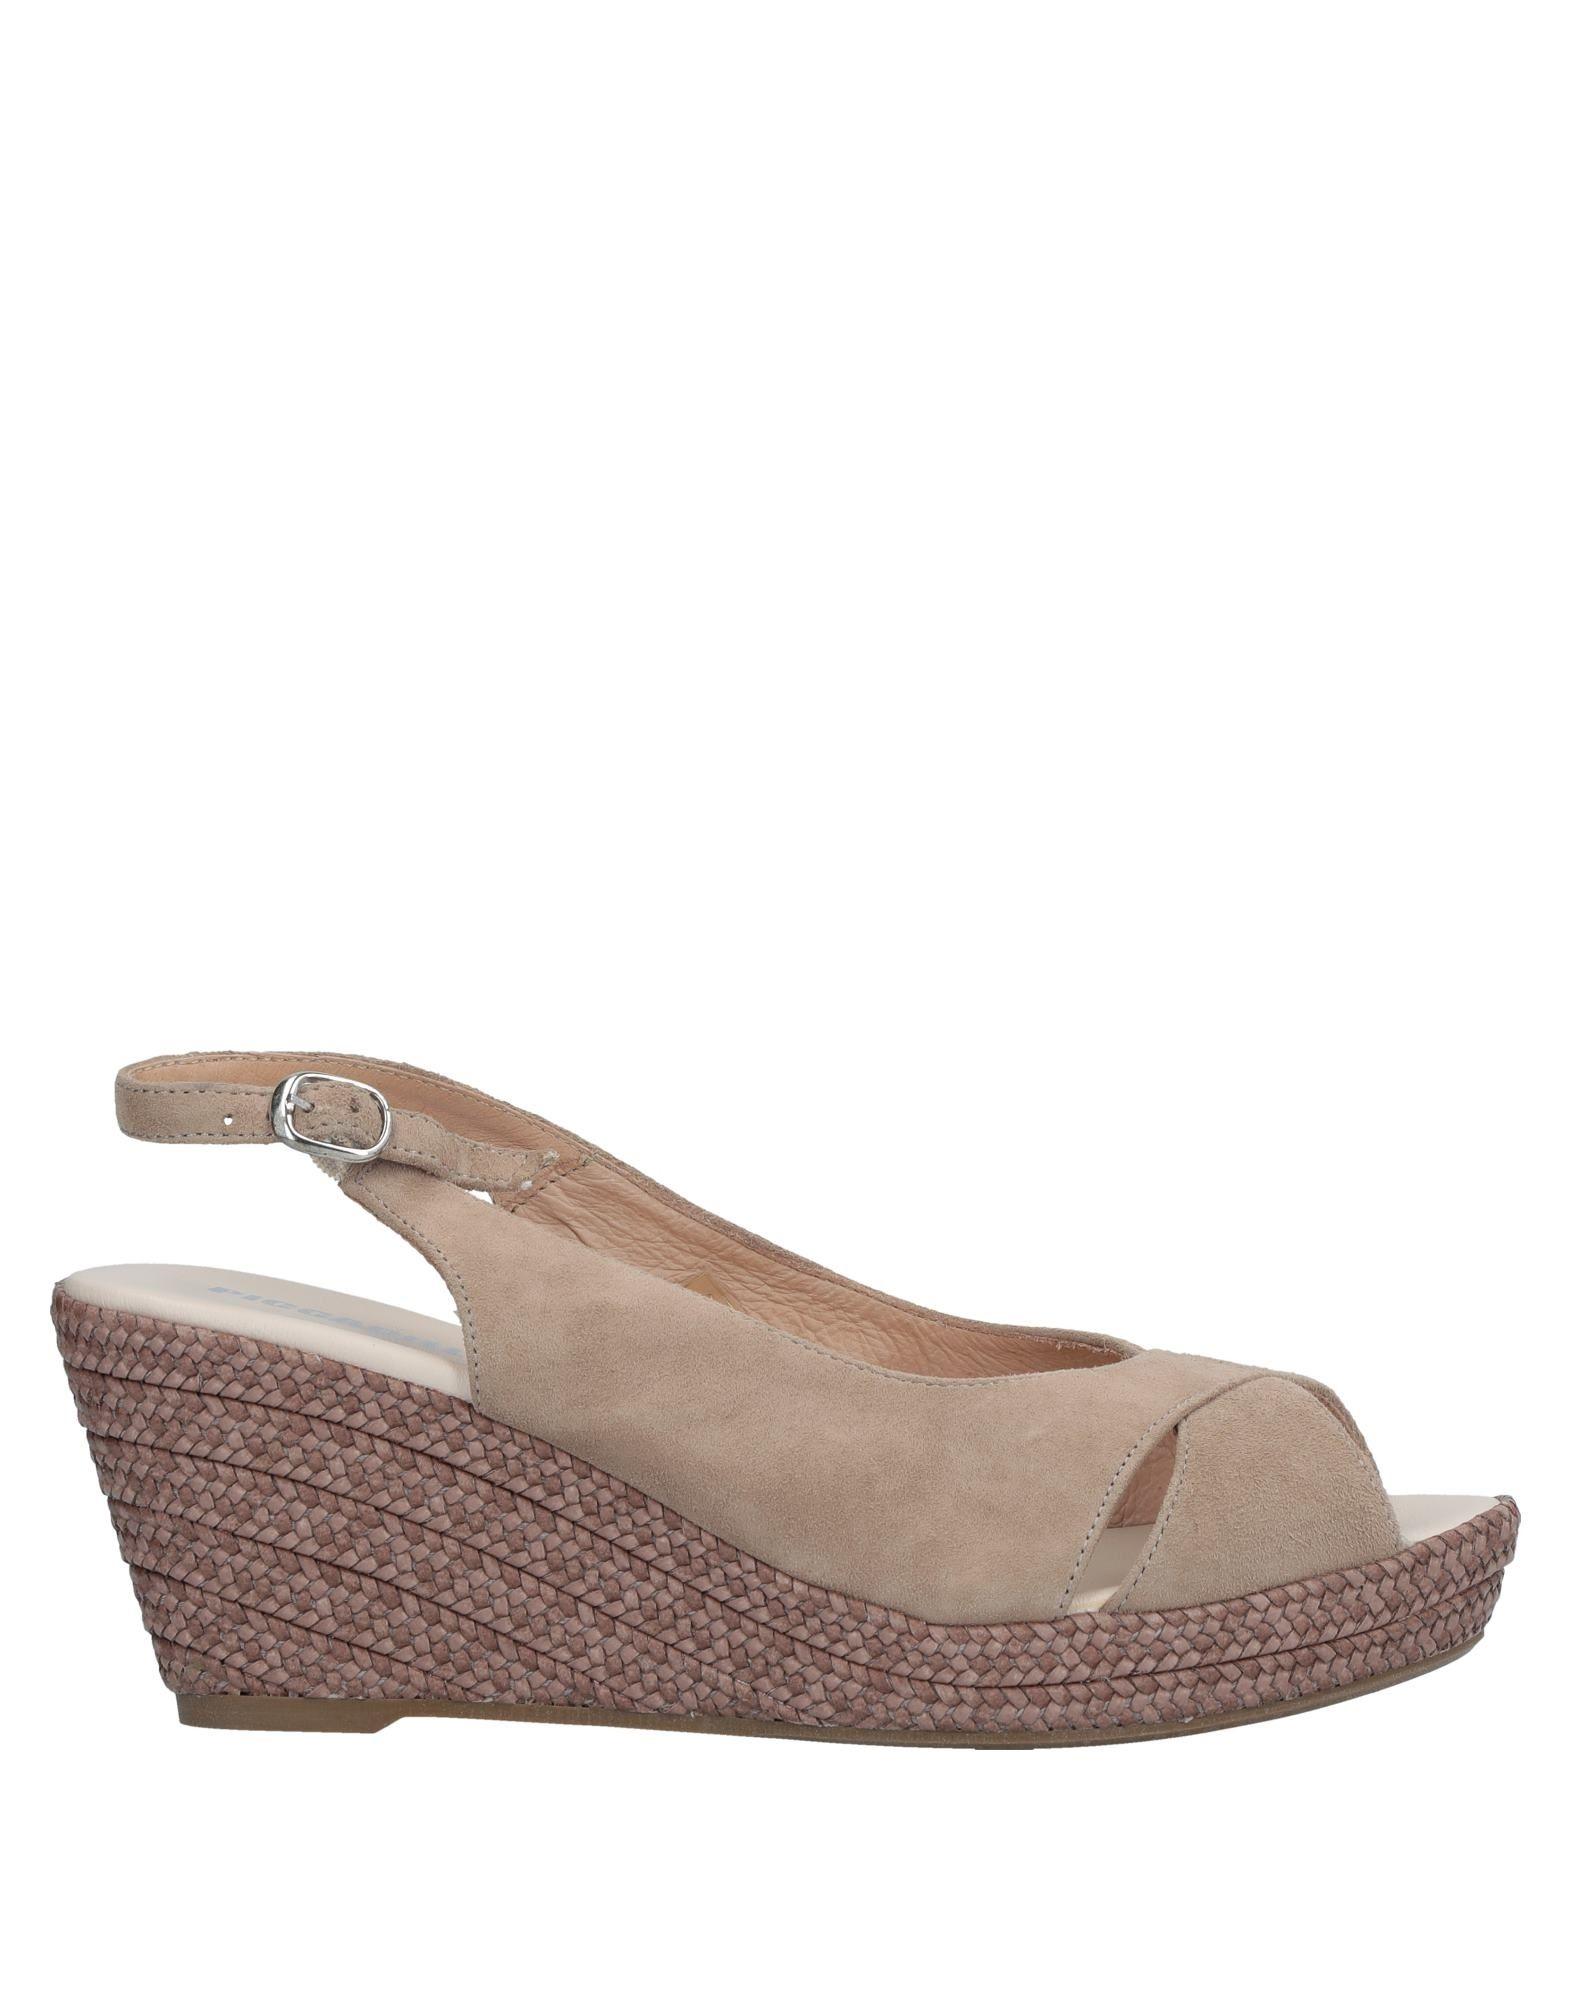 Piccadilly Sandalen beliebte Damen 11538862WW Gute Qualität beliebte Sandalen Schuhe ff3089